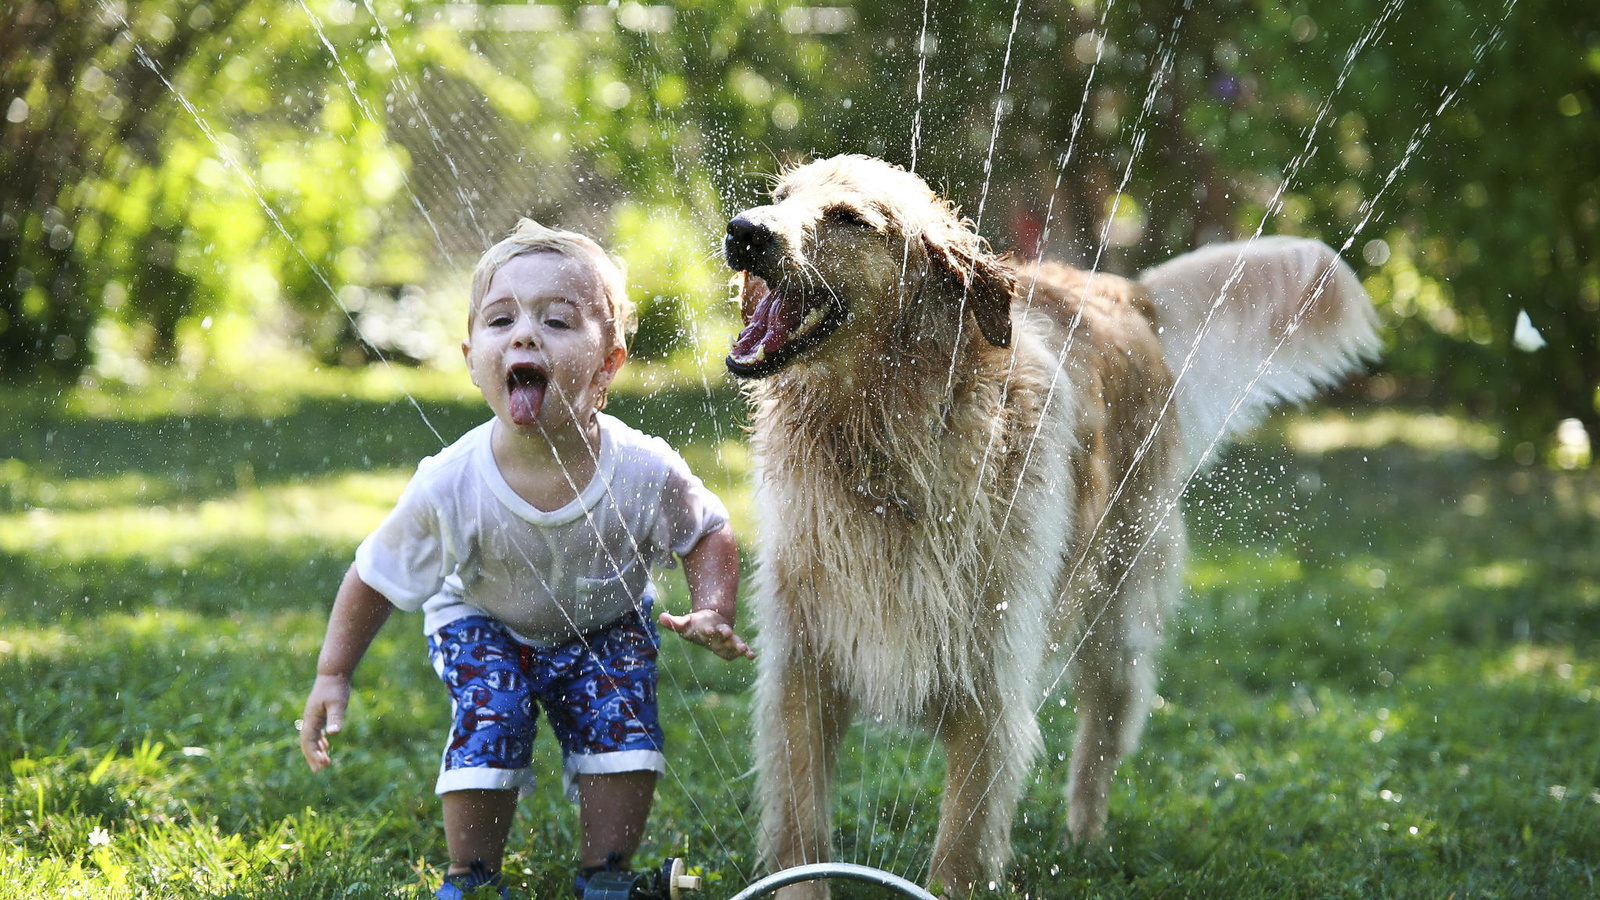 Нюша, картинки веселые счастье